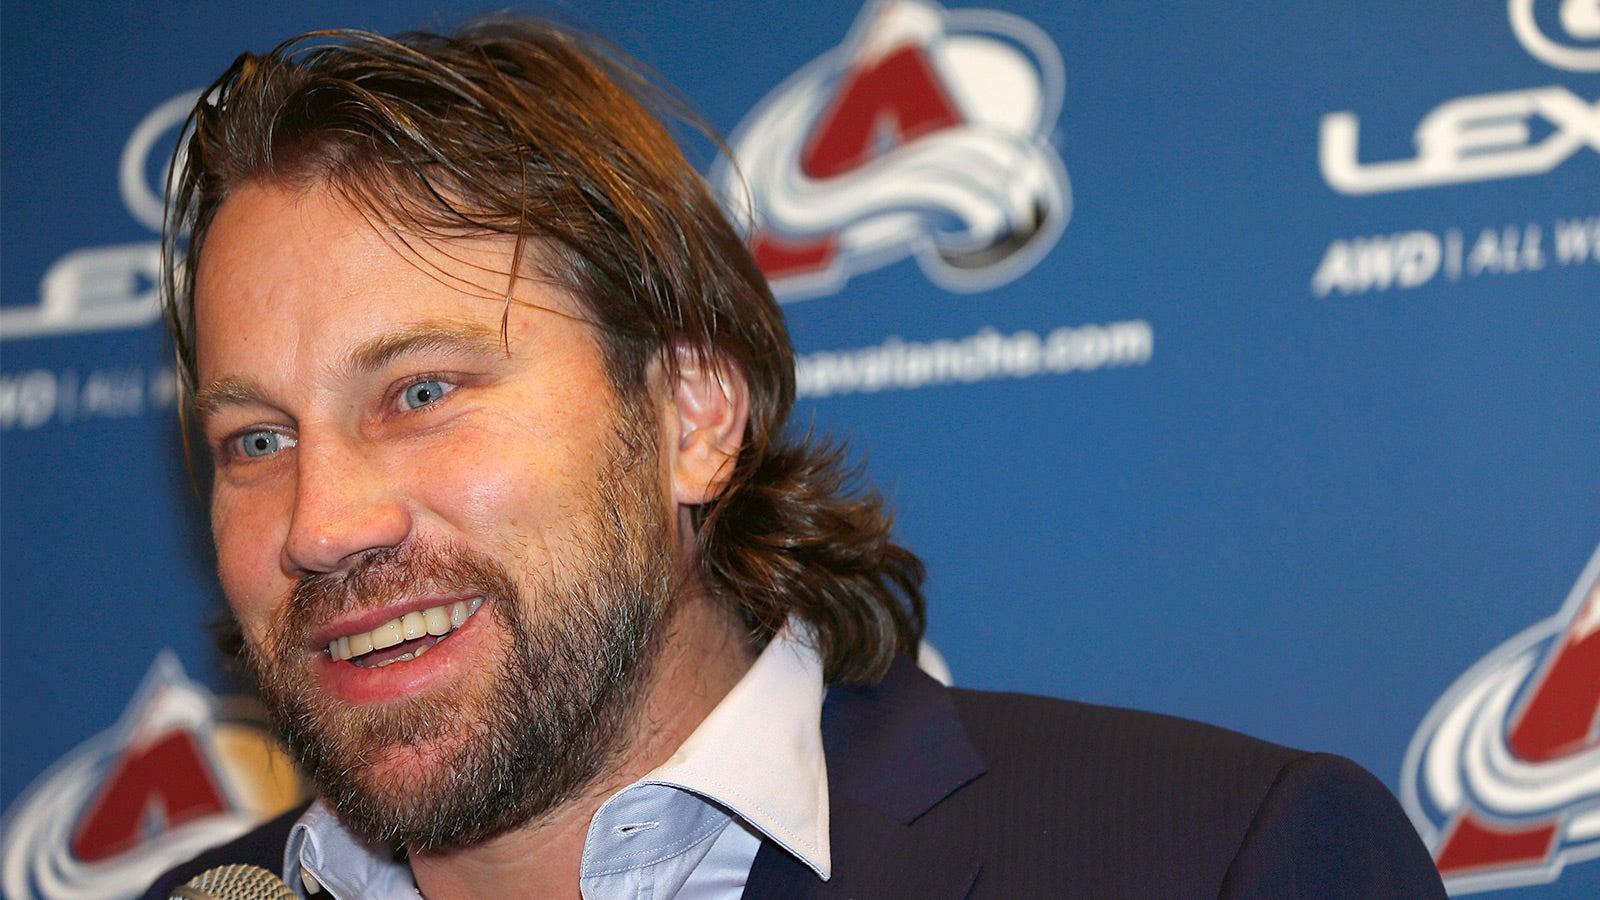 https://b.fssta.com/uploads/content/dam/fsdigital/fscom/NHL/images/2014/11/20/112014-NHL-Avalanche-Peter-Forsberg-PI-CH.jpg